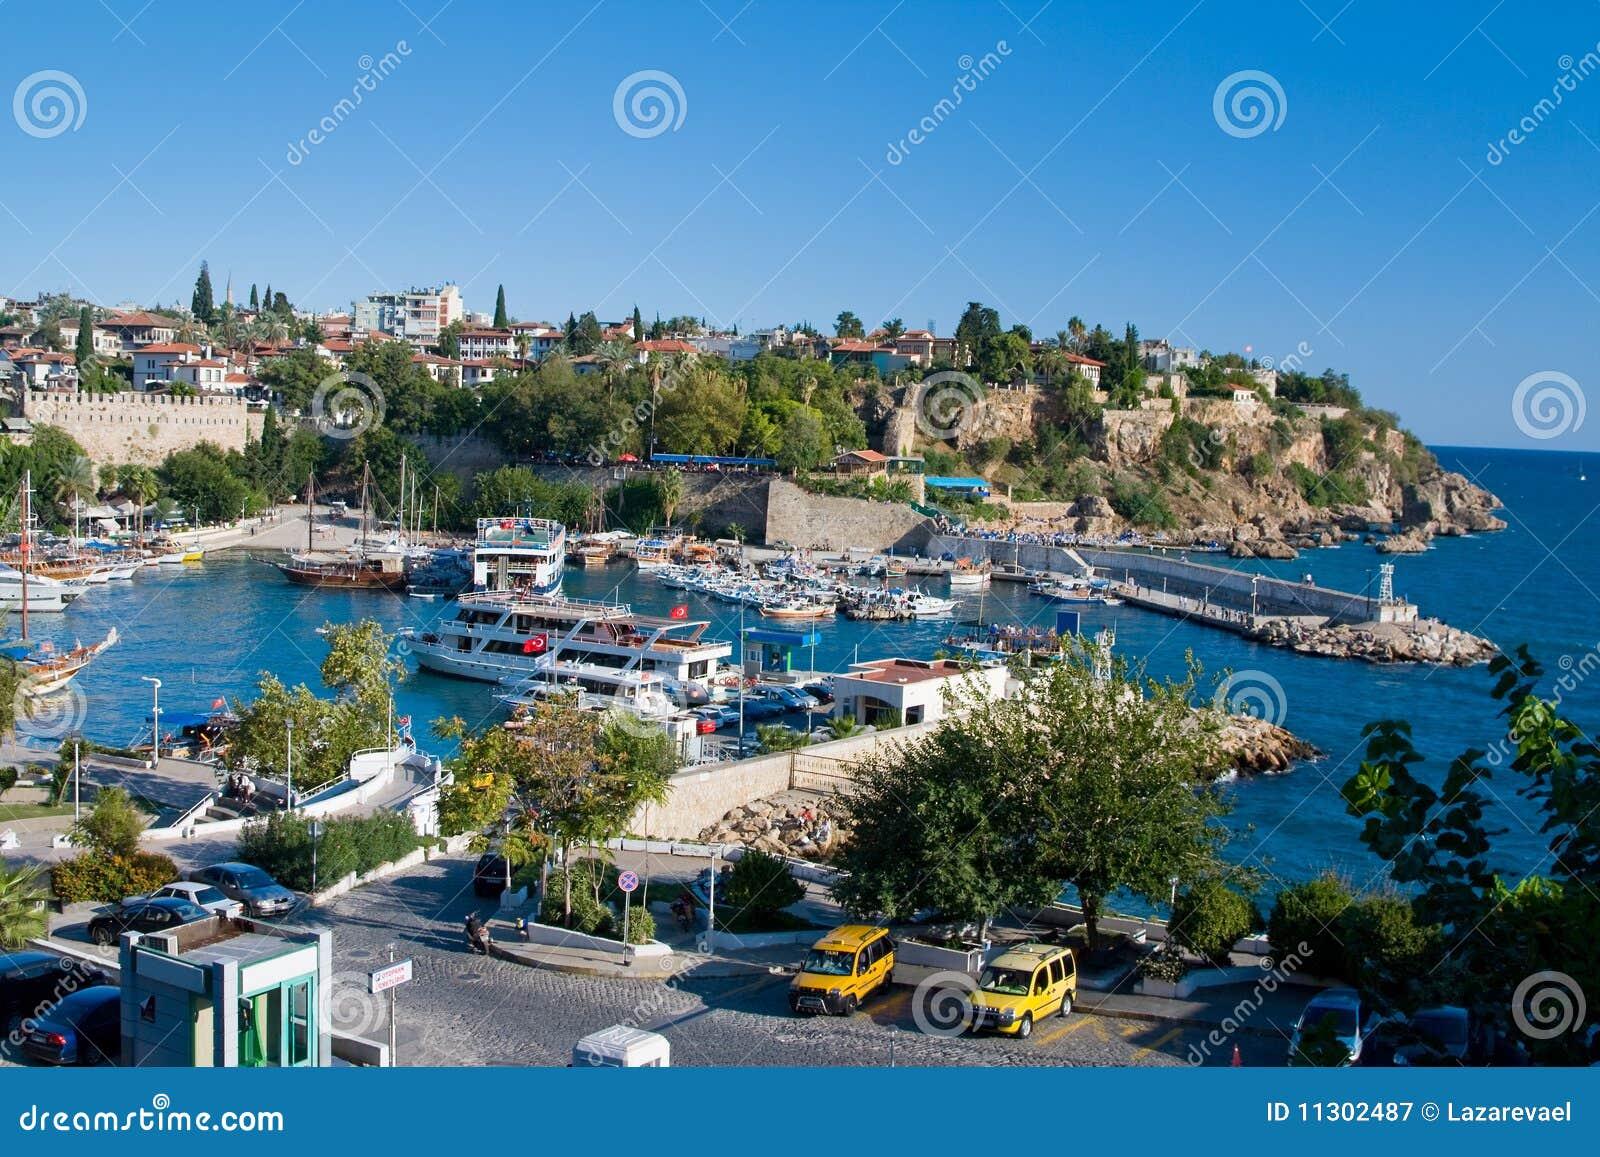 Ansicht am alten Hafen in Antalya, die Türkei